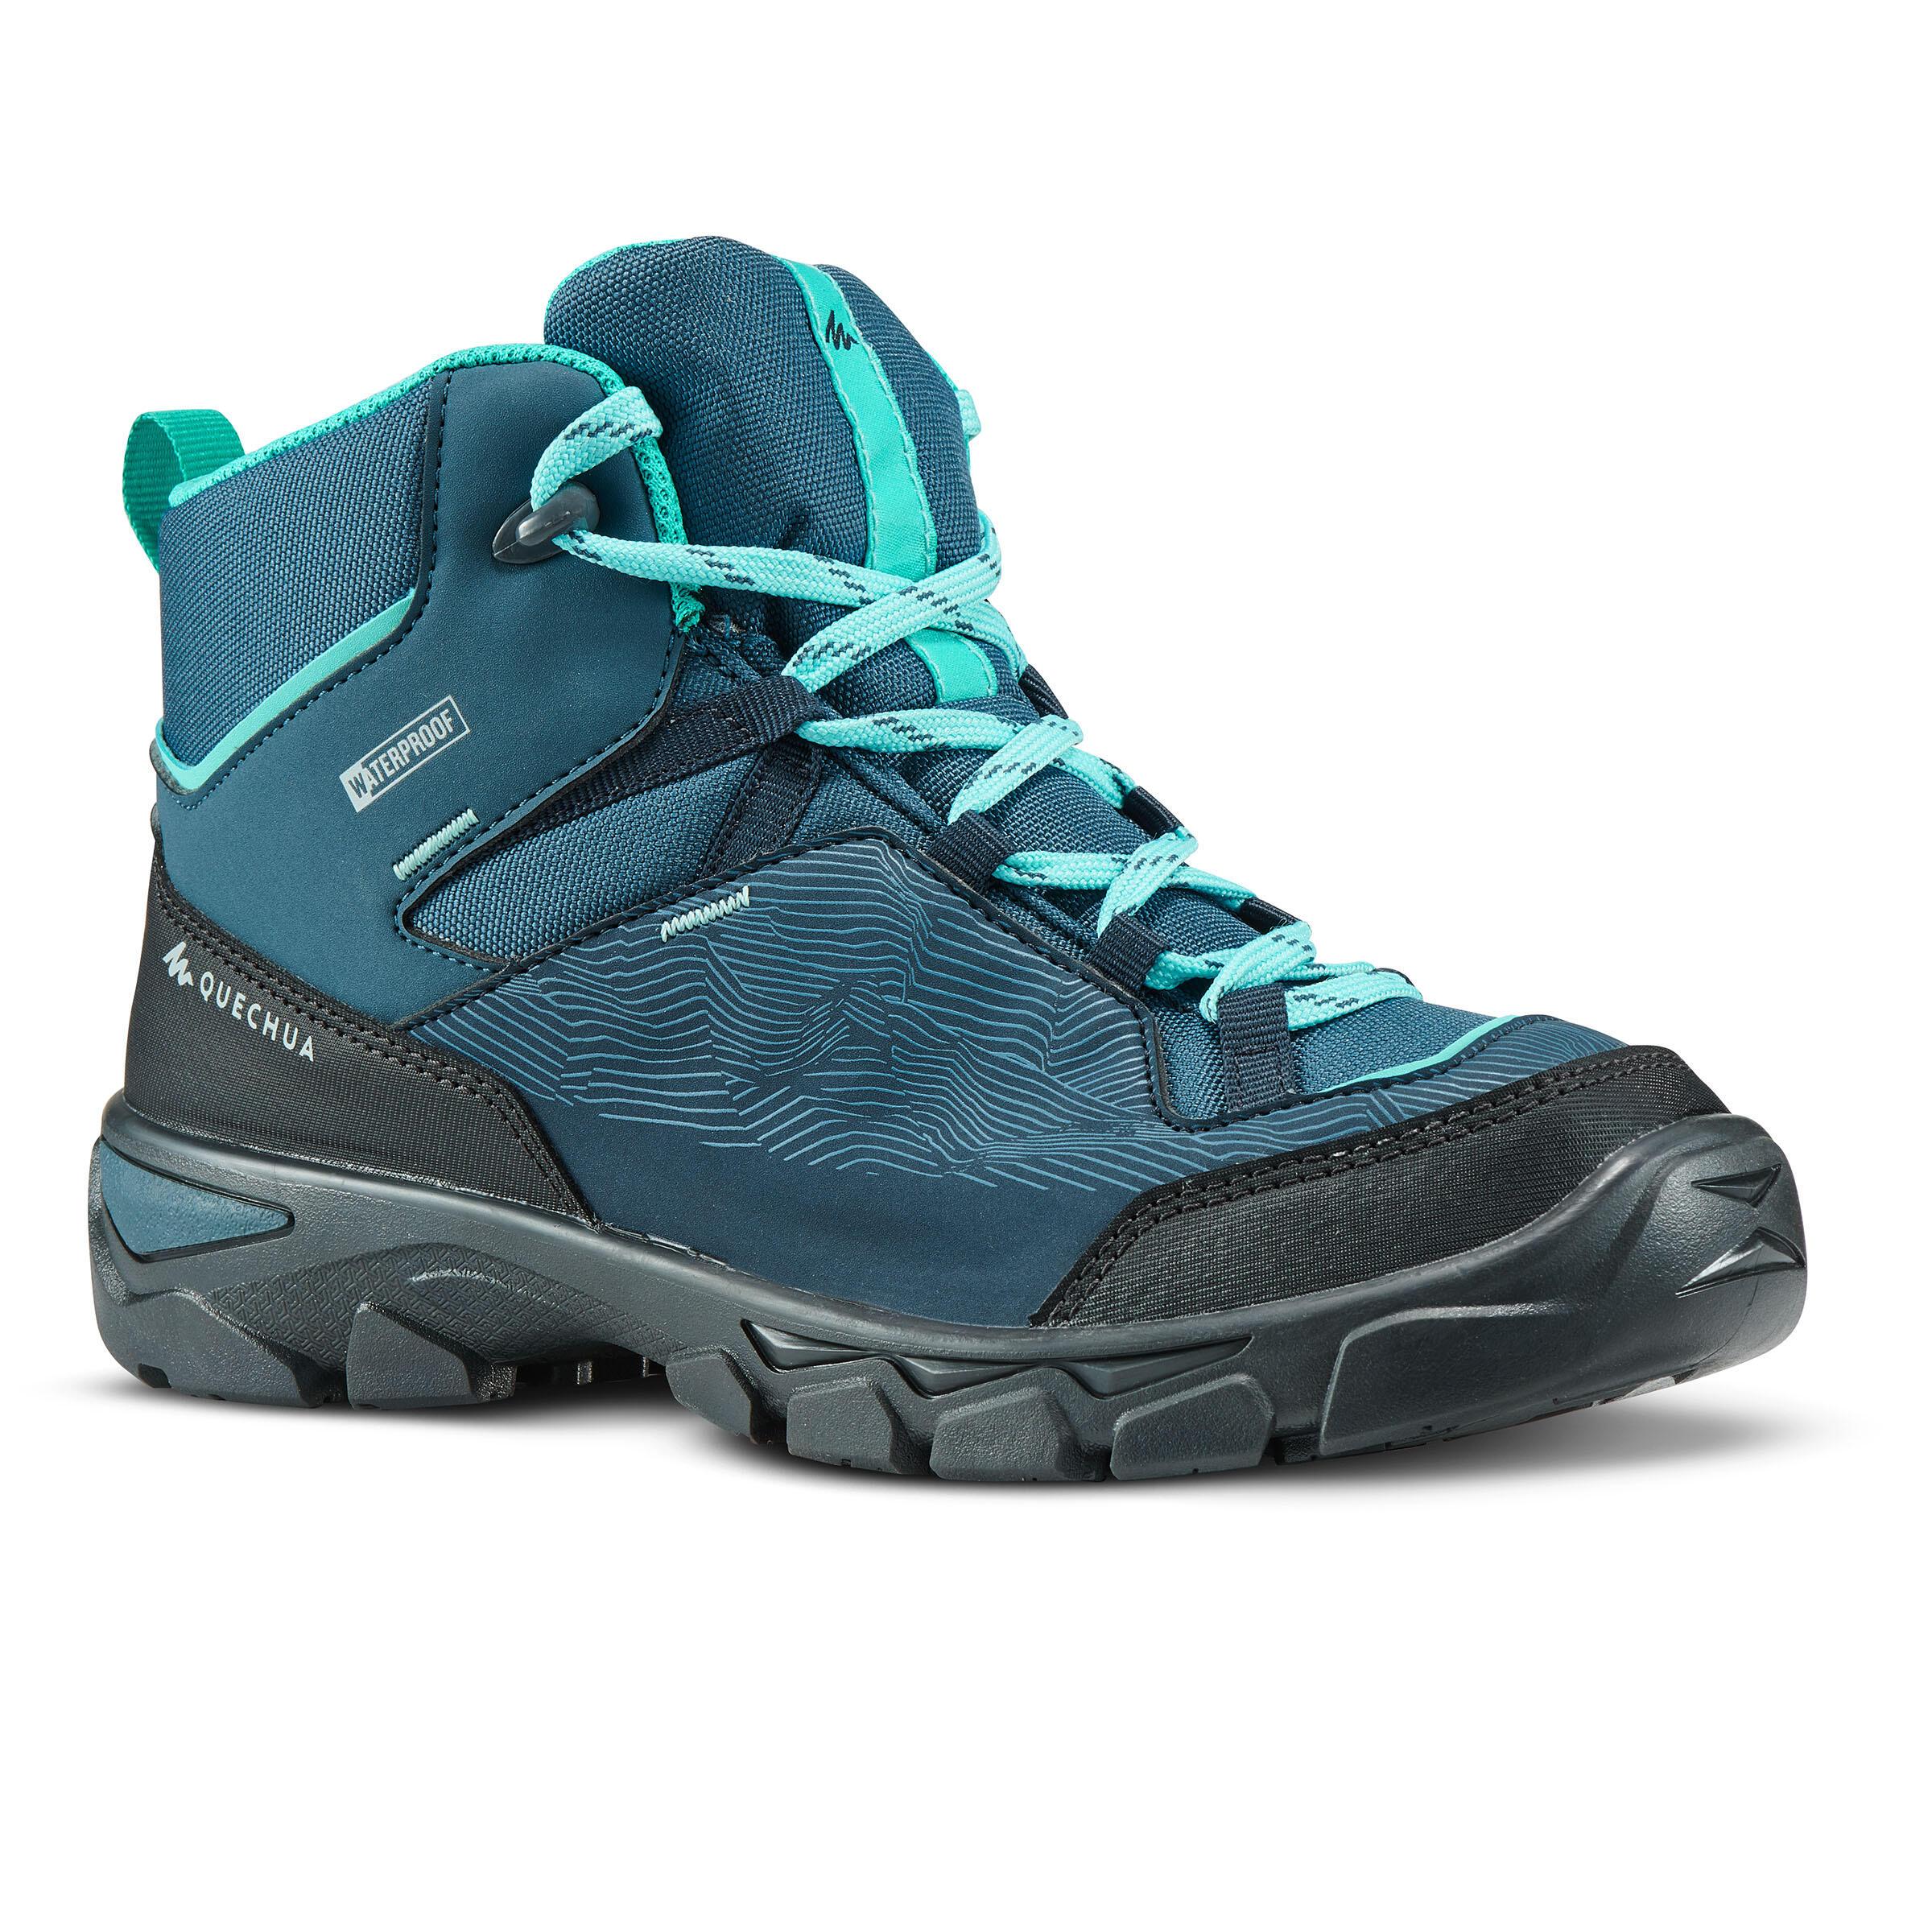 Chidren's waterproof walking shoes